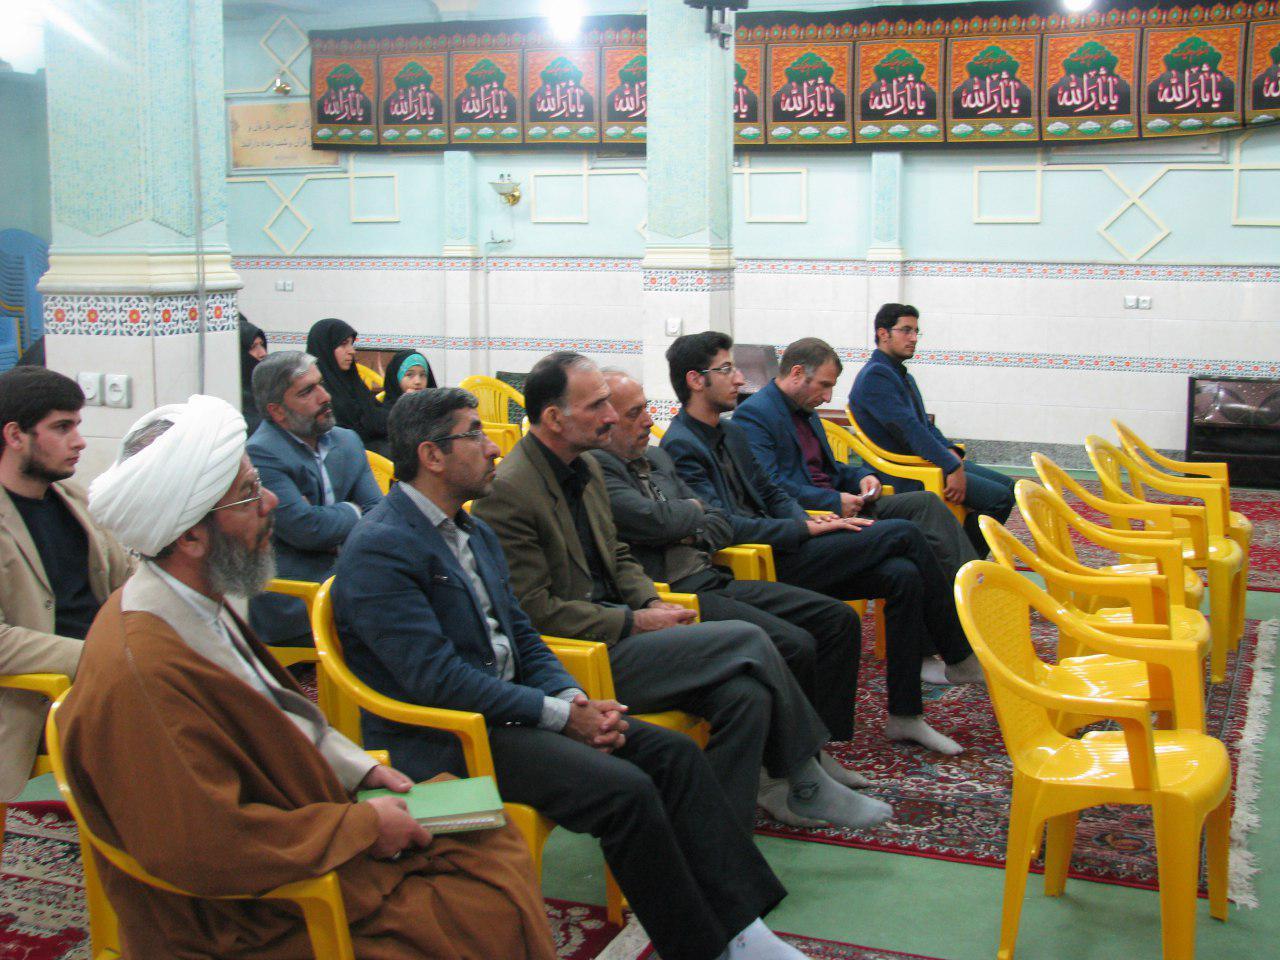 نشست تشکیلاتی موسسات قرآنی شهرستان مهدیشهر با حضور حجت الاسلام رستمیان